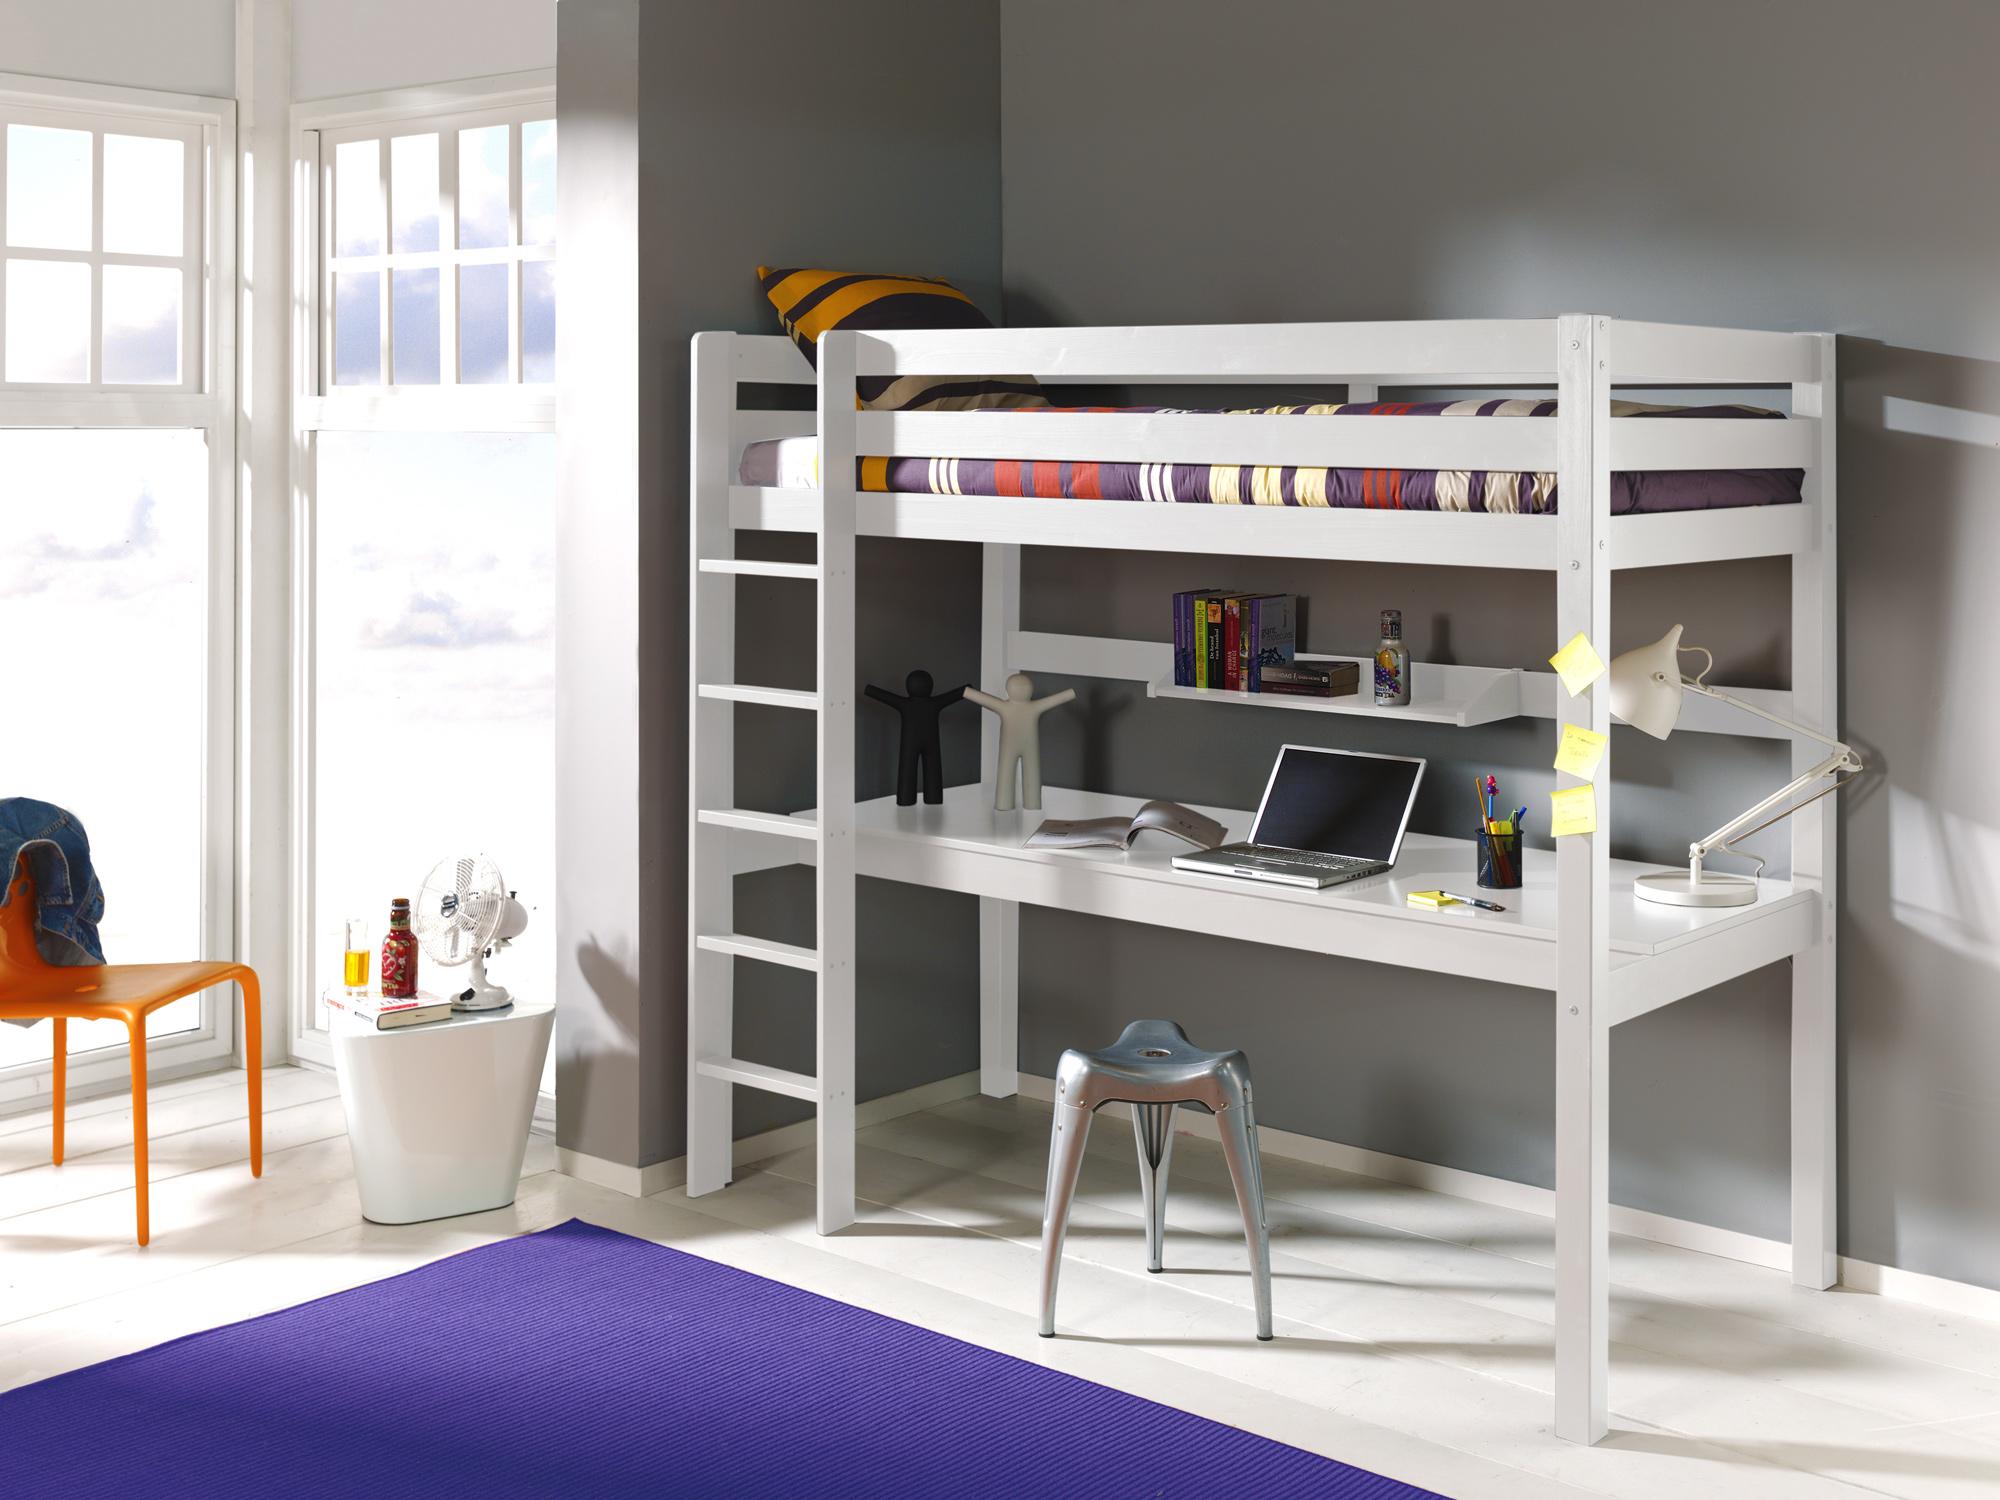 Amenagement Petite Chambre Enfant dedans tous les conseils pour aménager une petite chambre enfant